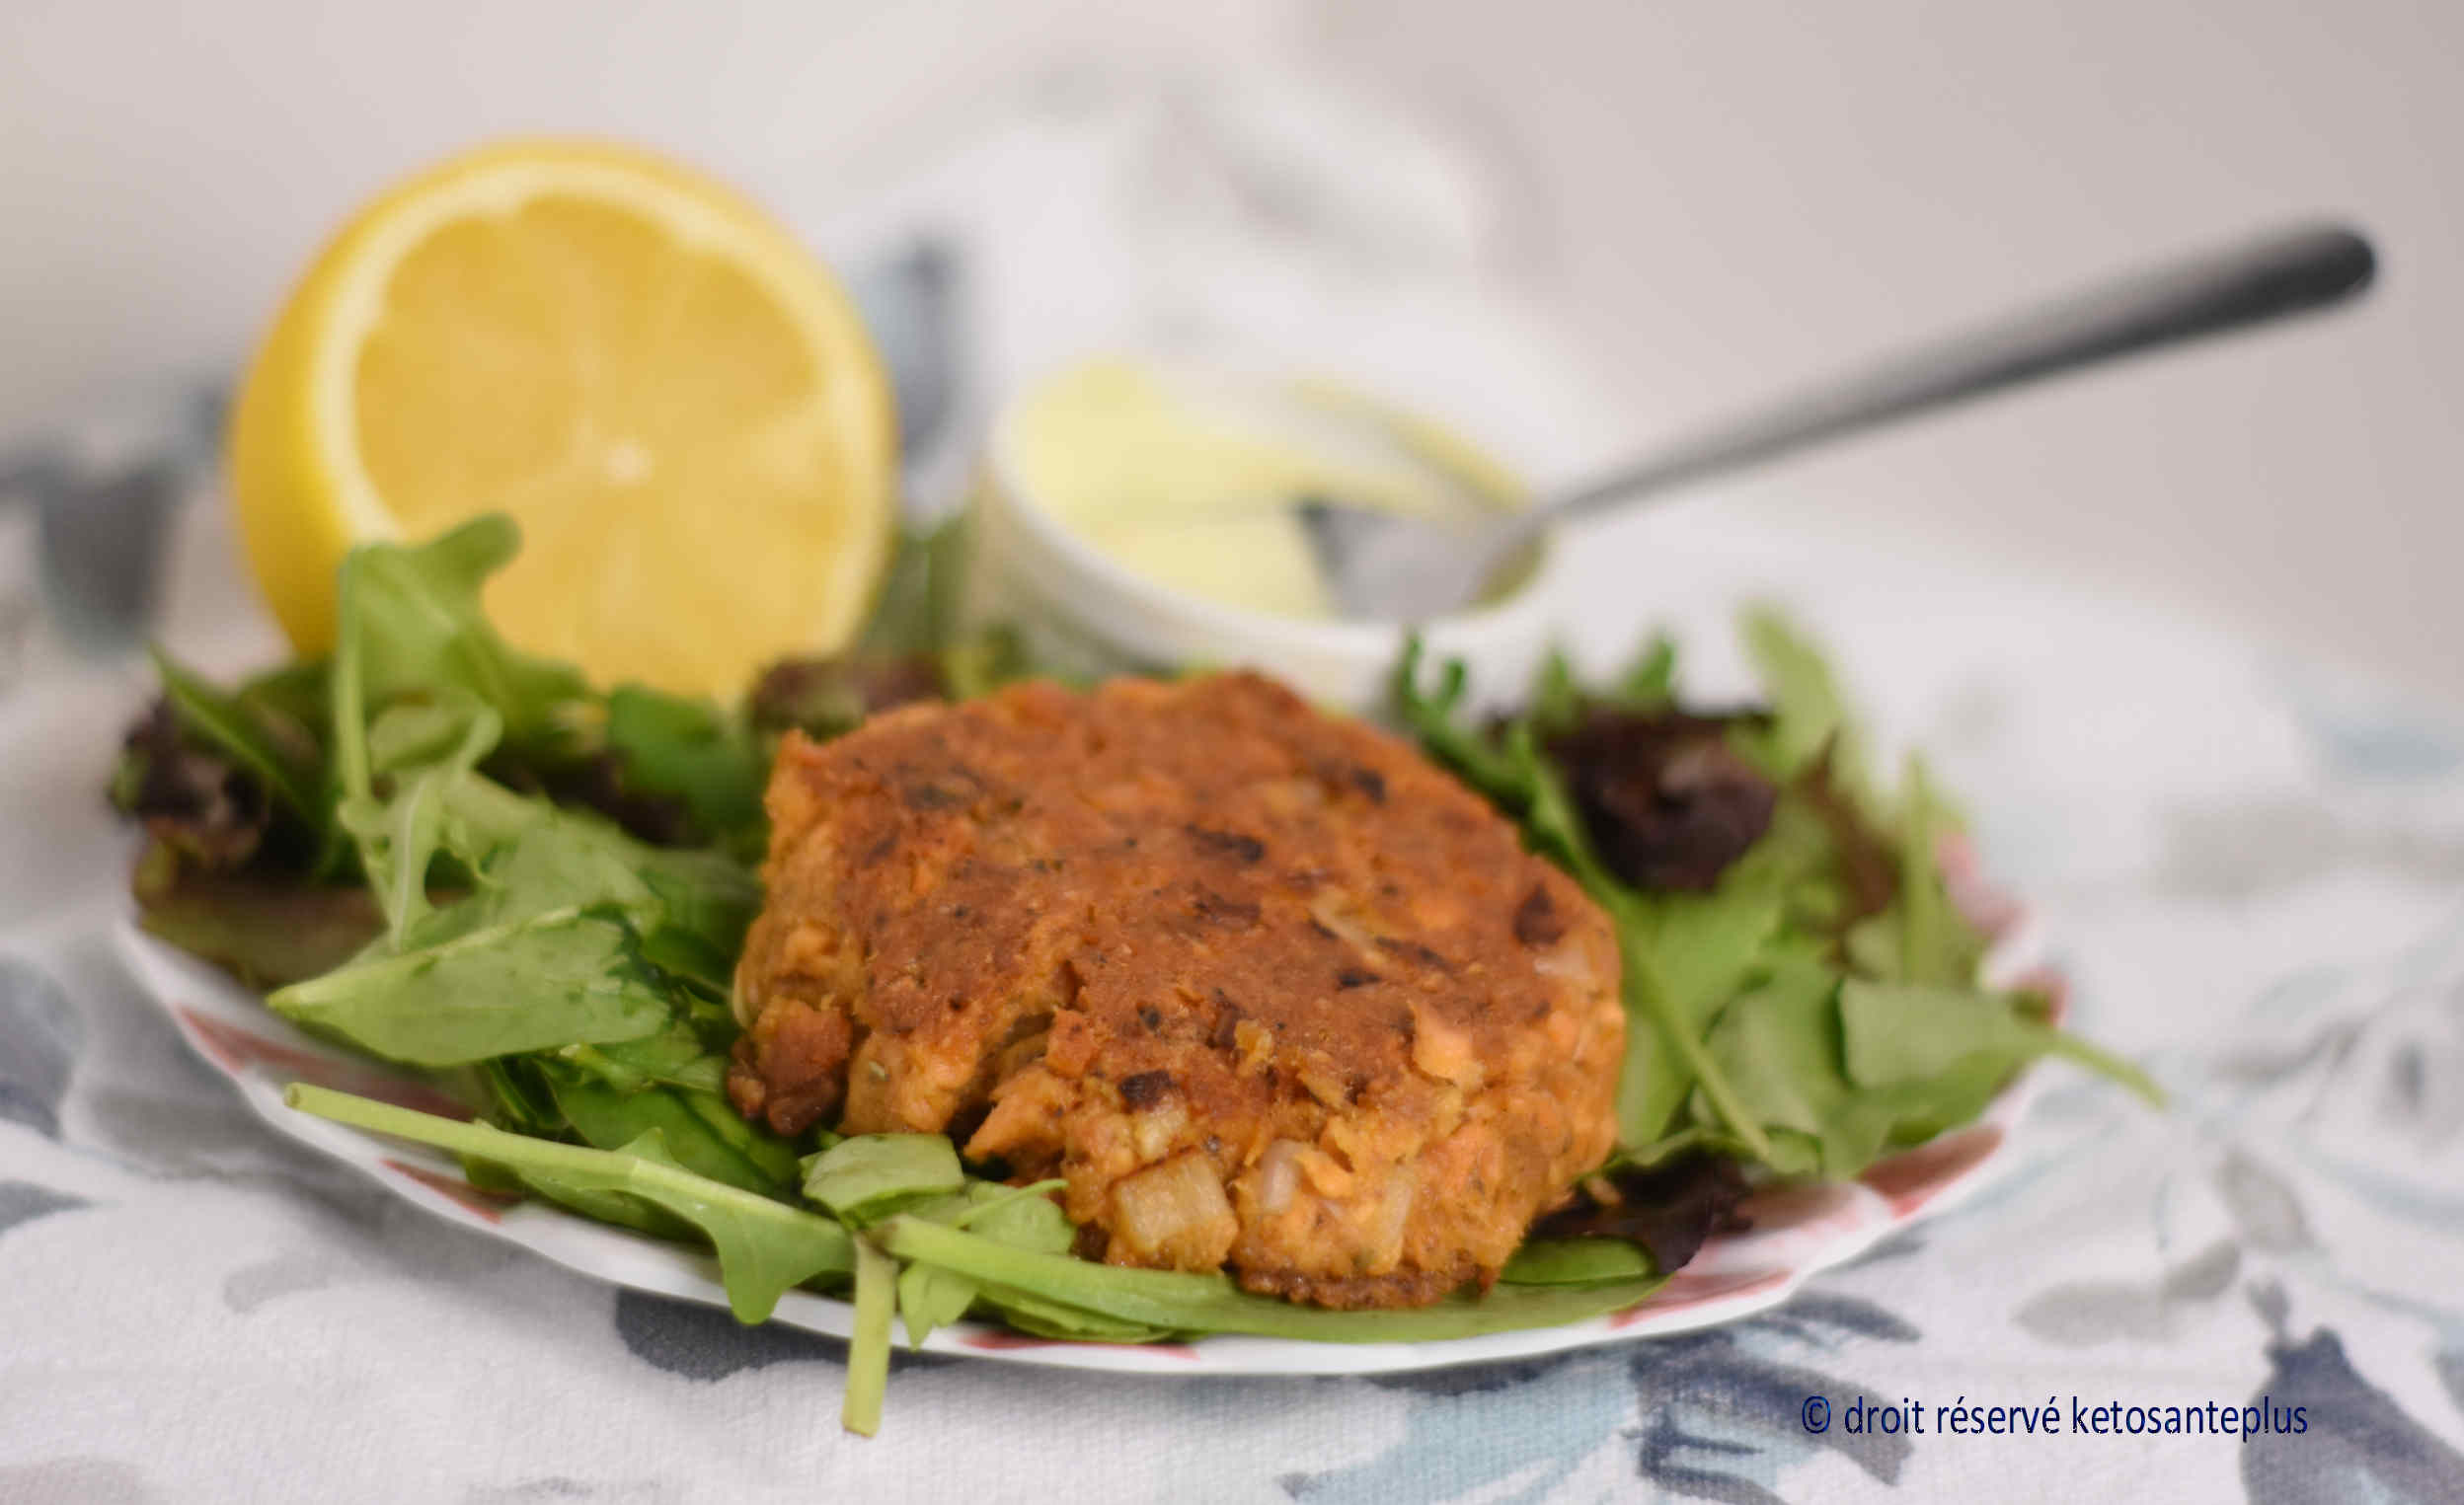 Croquettes de saumon